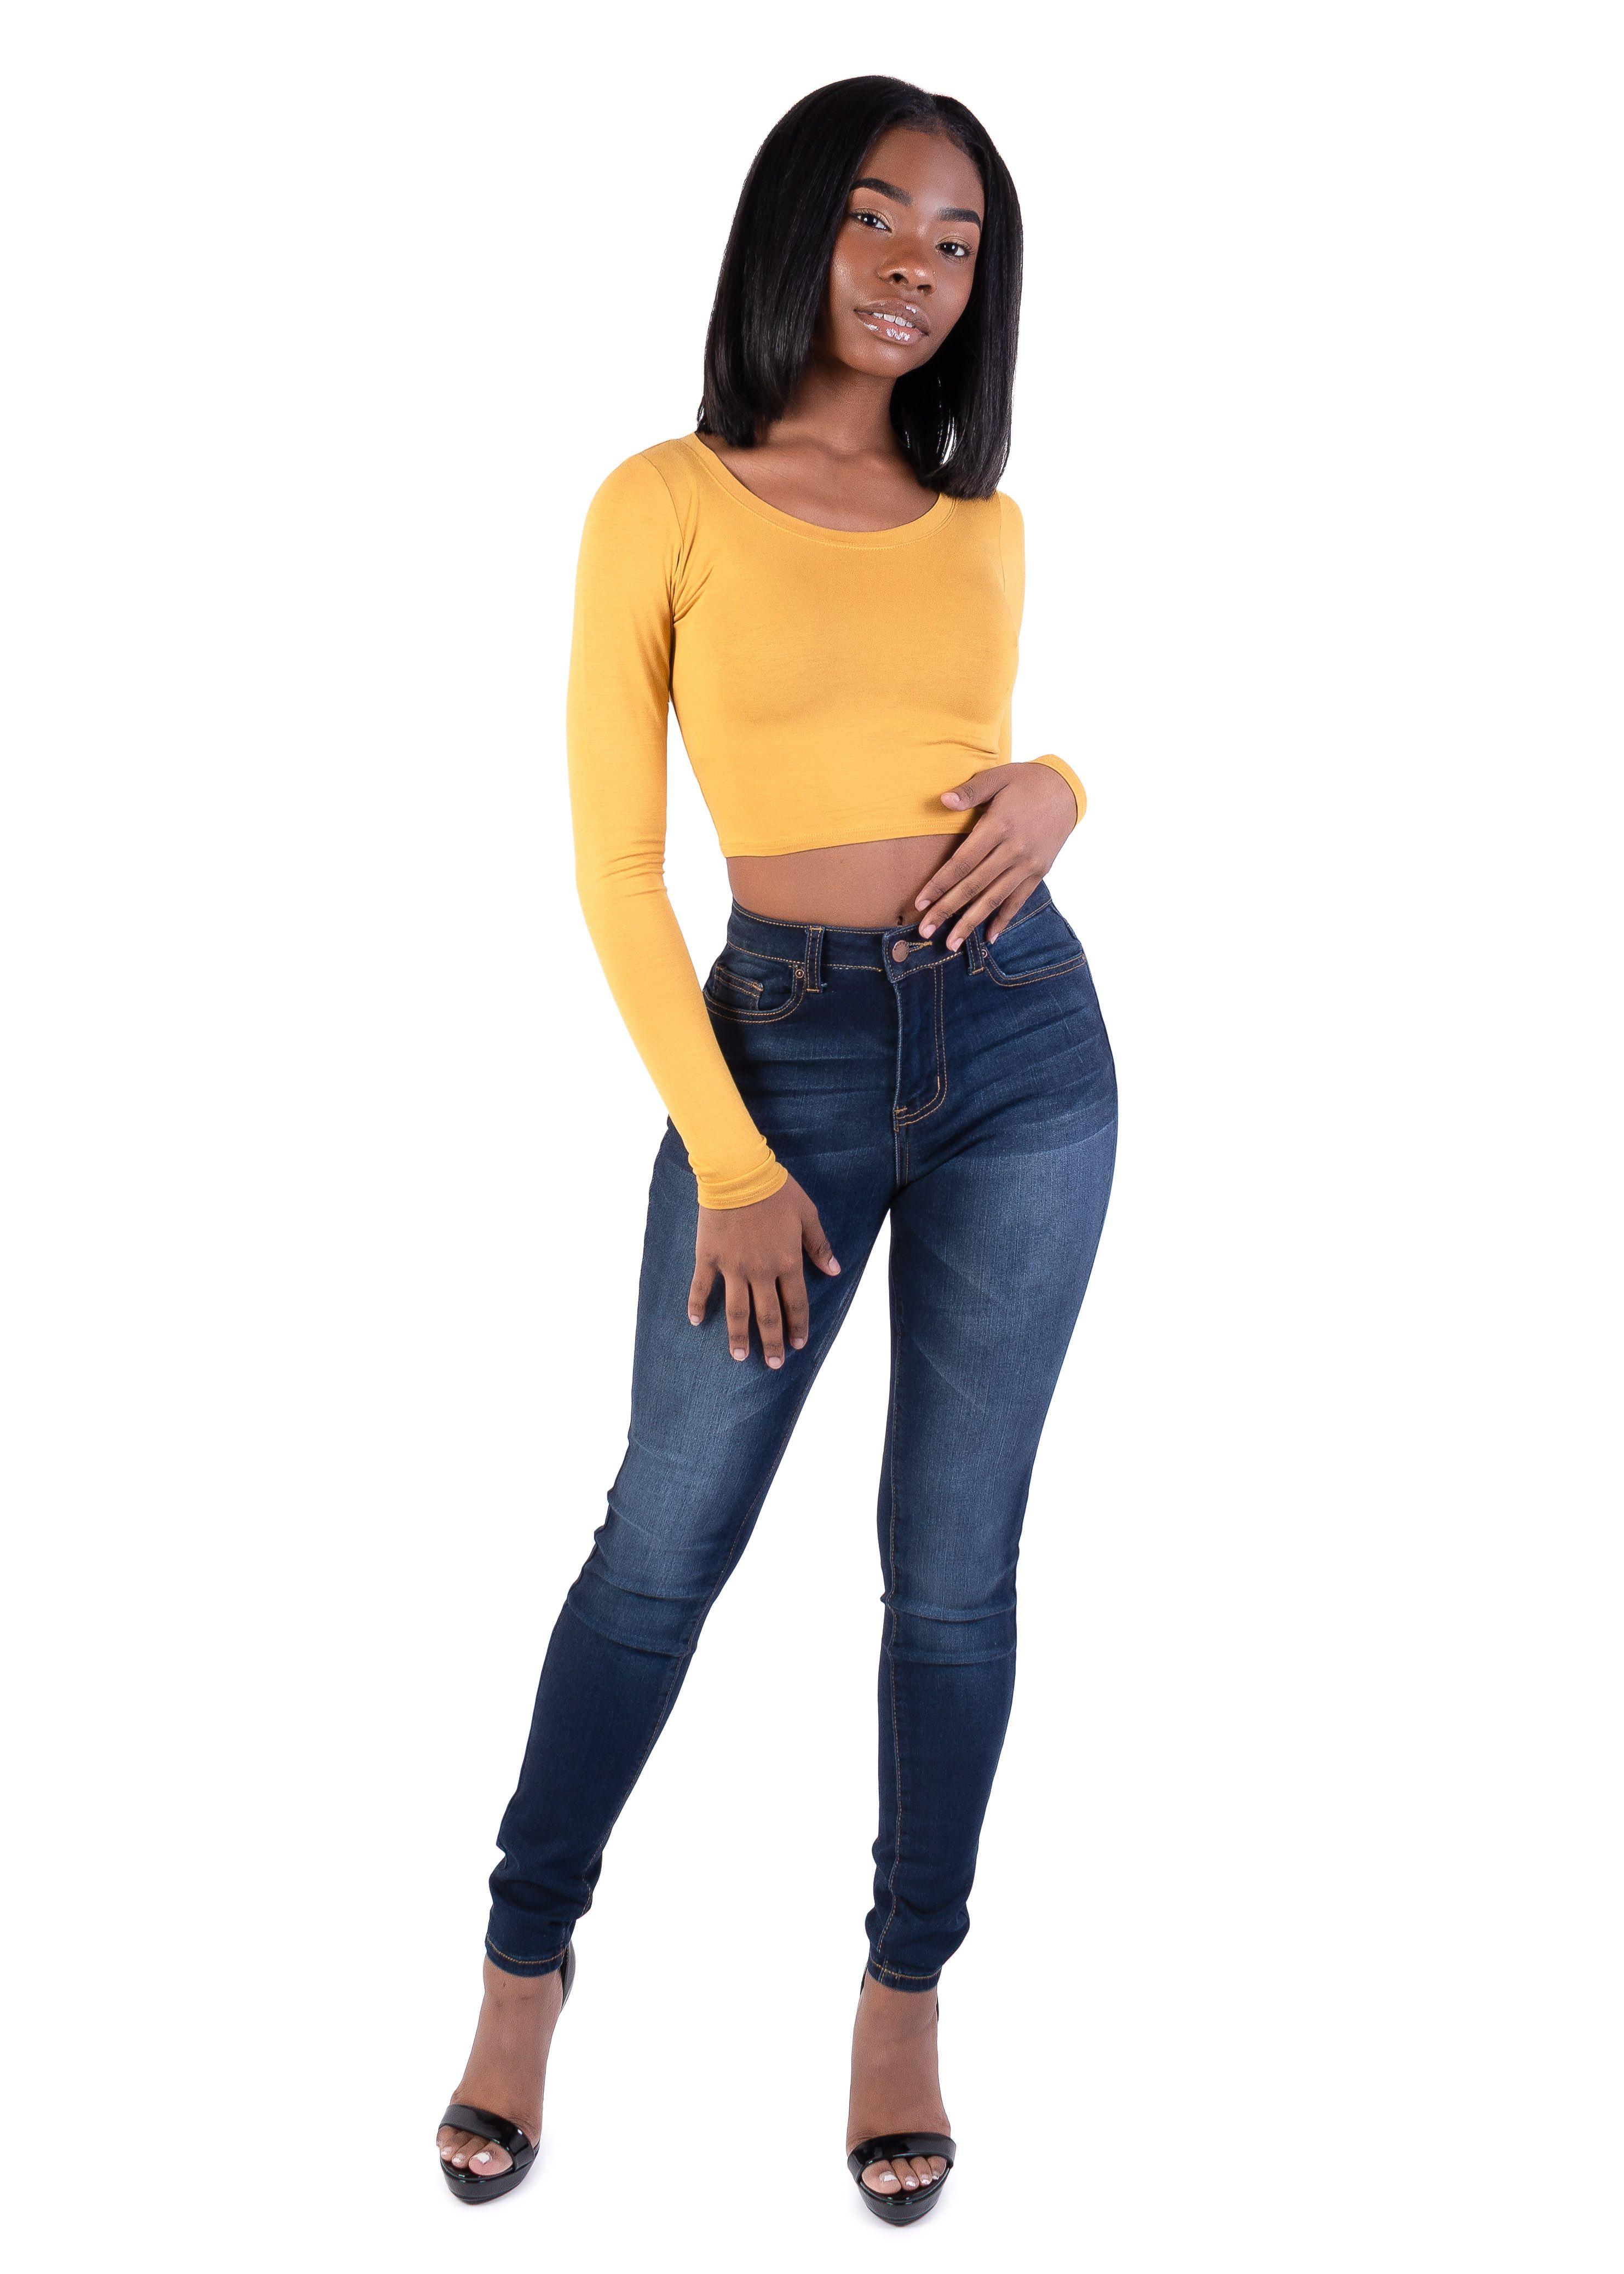 778abca14e0 Plain Round Neck Long Sleeves Crop Top (mustard) $9.99 #fashion #model # croptop #crop #top #sleeves #longsleeves #sexy #turtleneck #heels #trend  #trendy ...